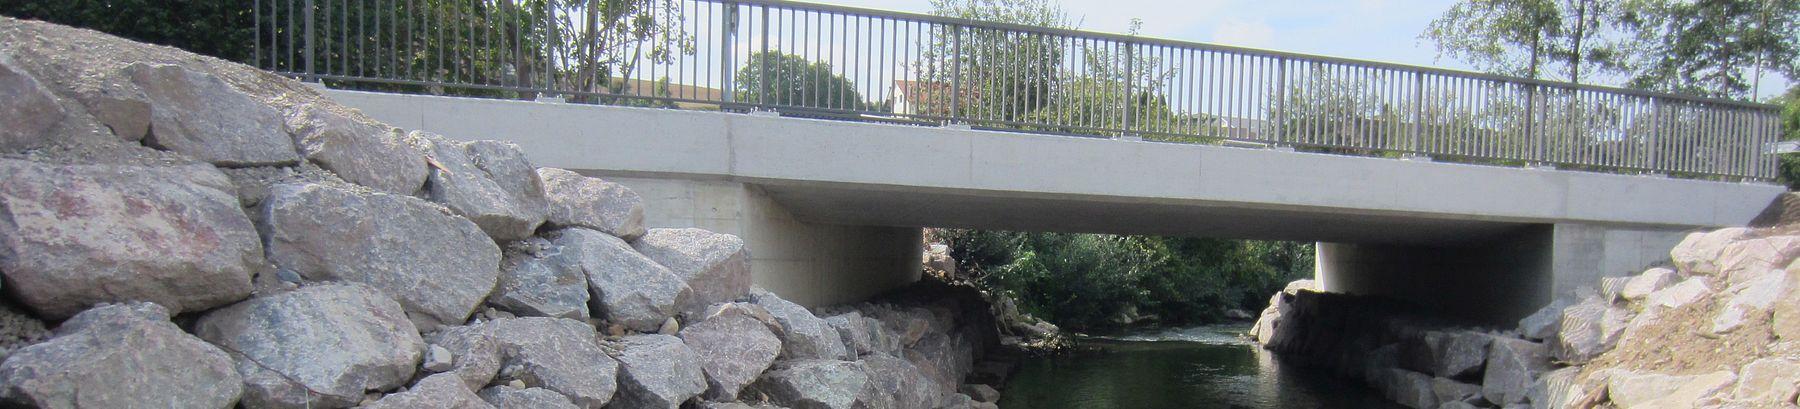 Lengnau: Brücke über die Surb